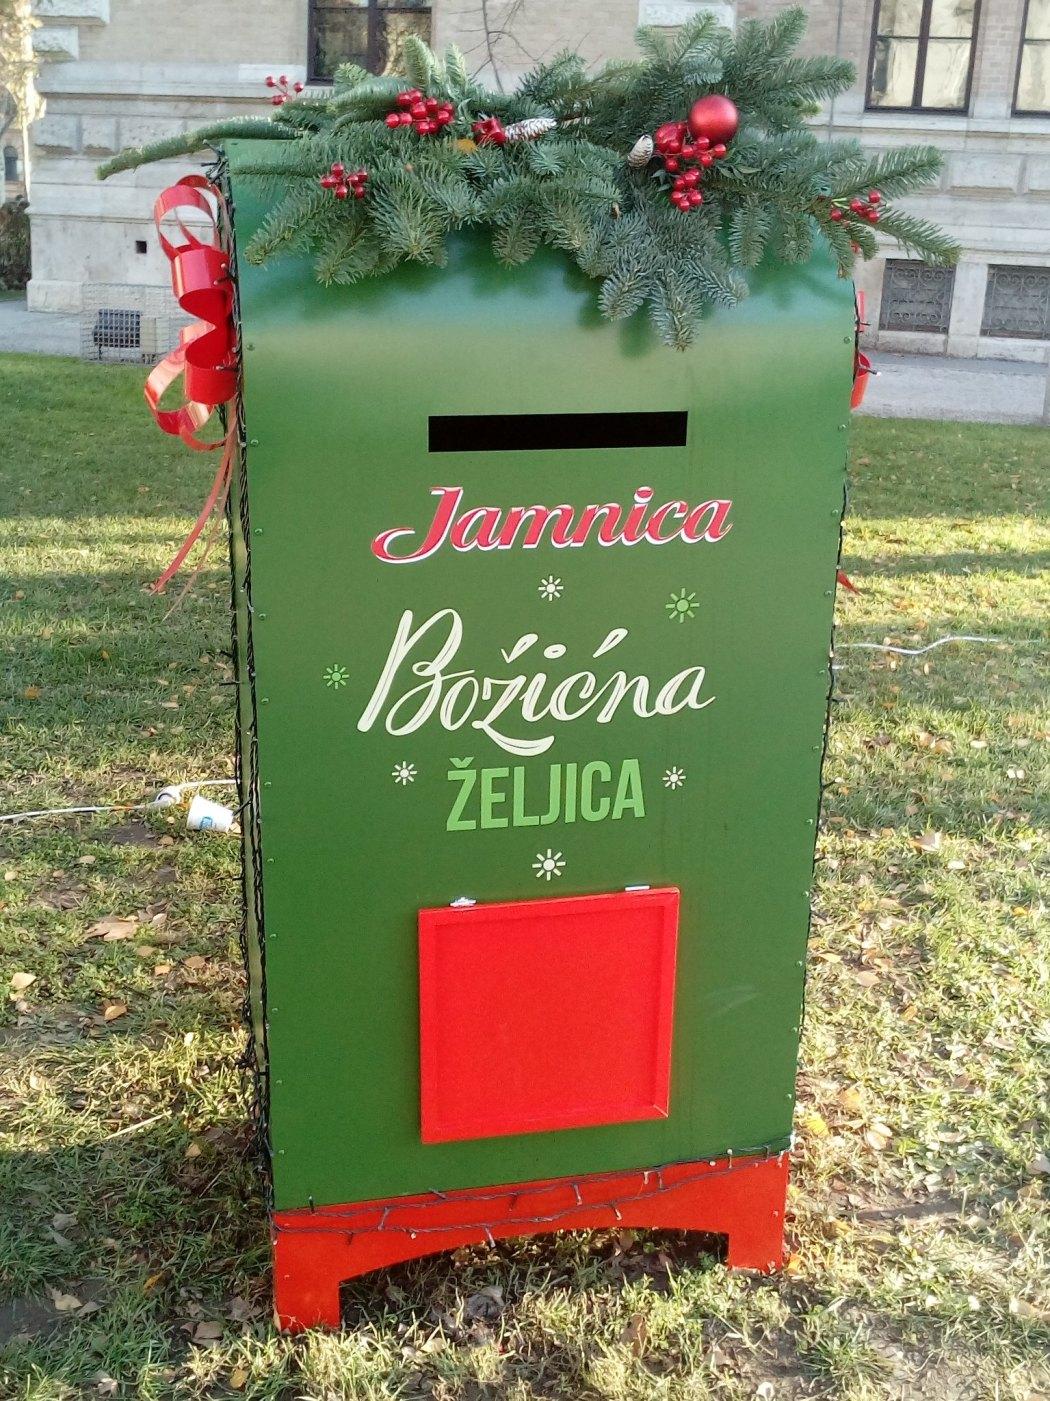 Zagreb Santa's Mailbox